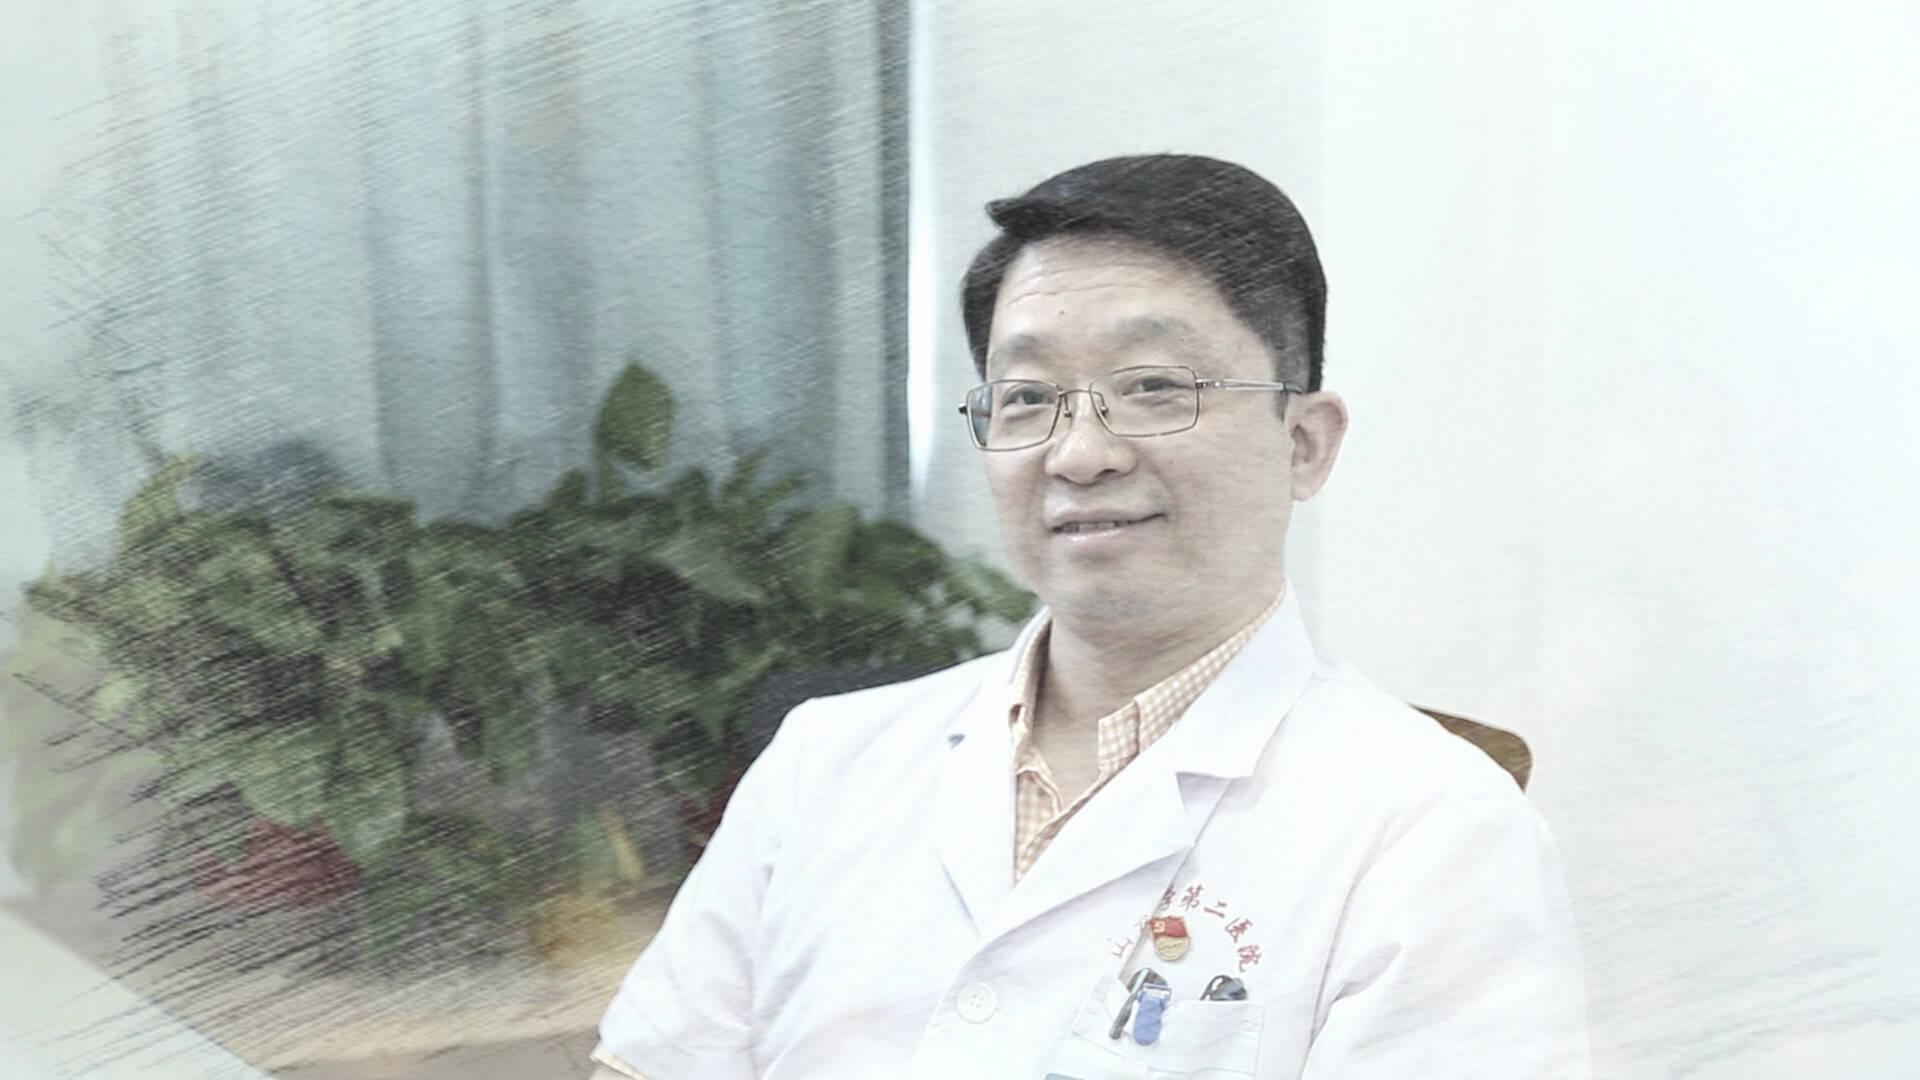 援湖北医生王欣:能吃苦不怕死 全国一半的心血管介入医生是山东人